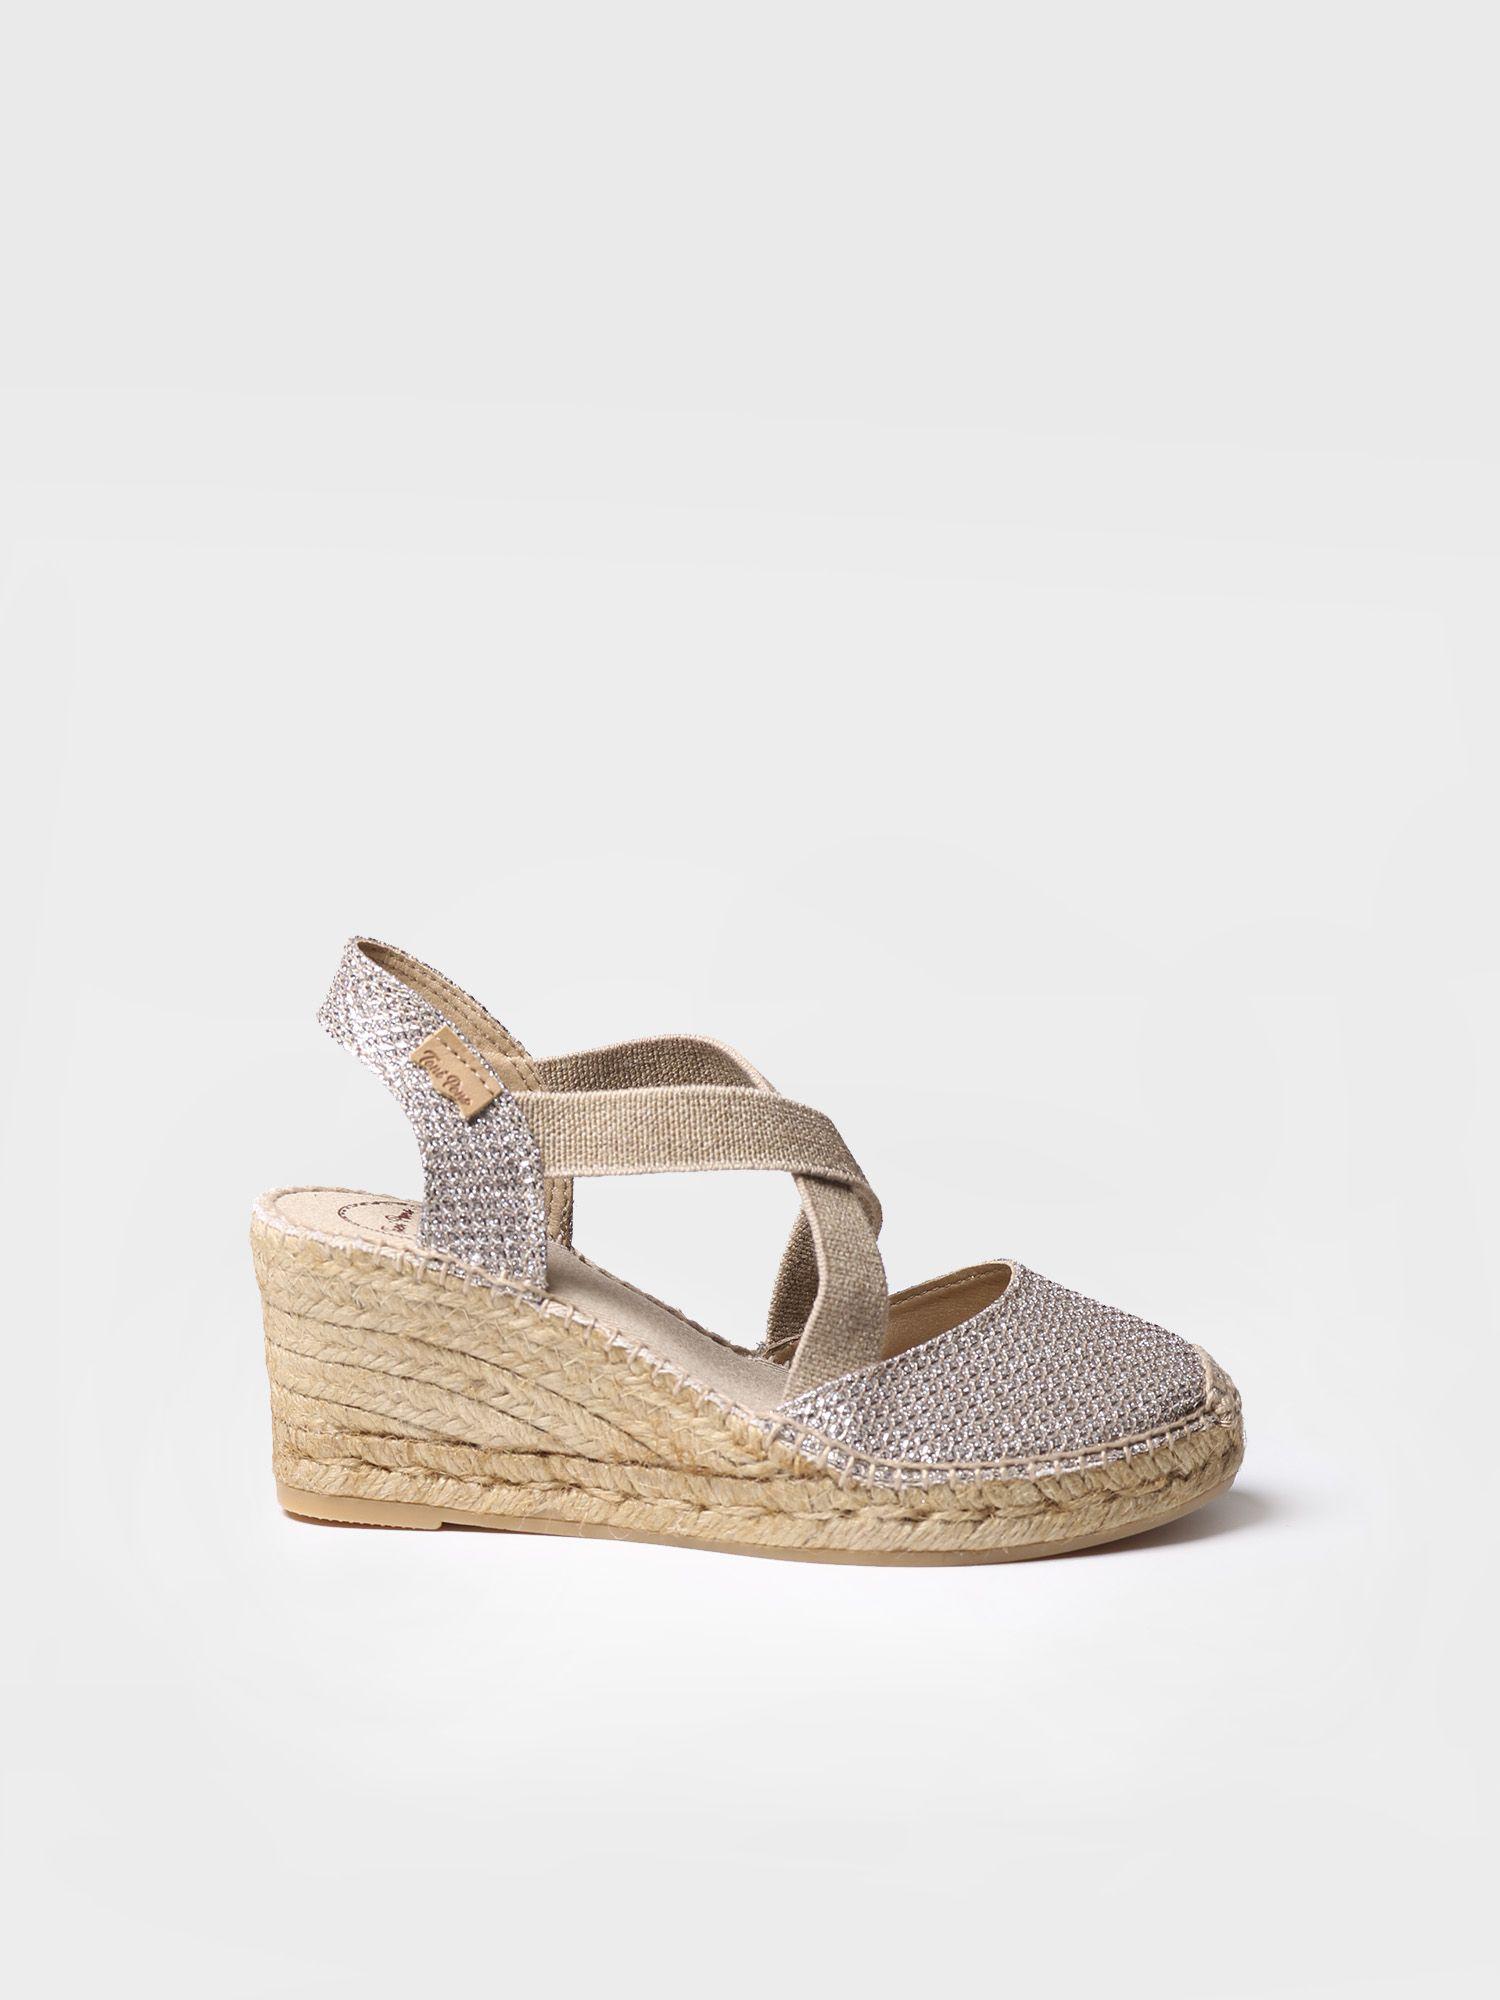 Vegan espadrilles heel - SABA-S